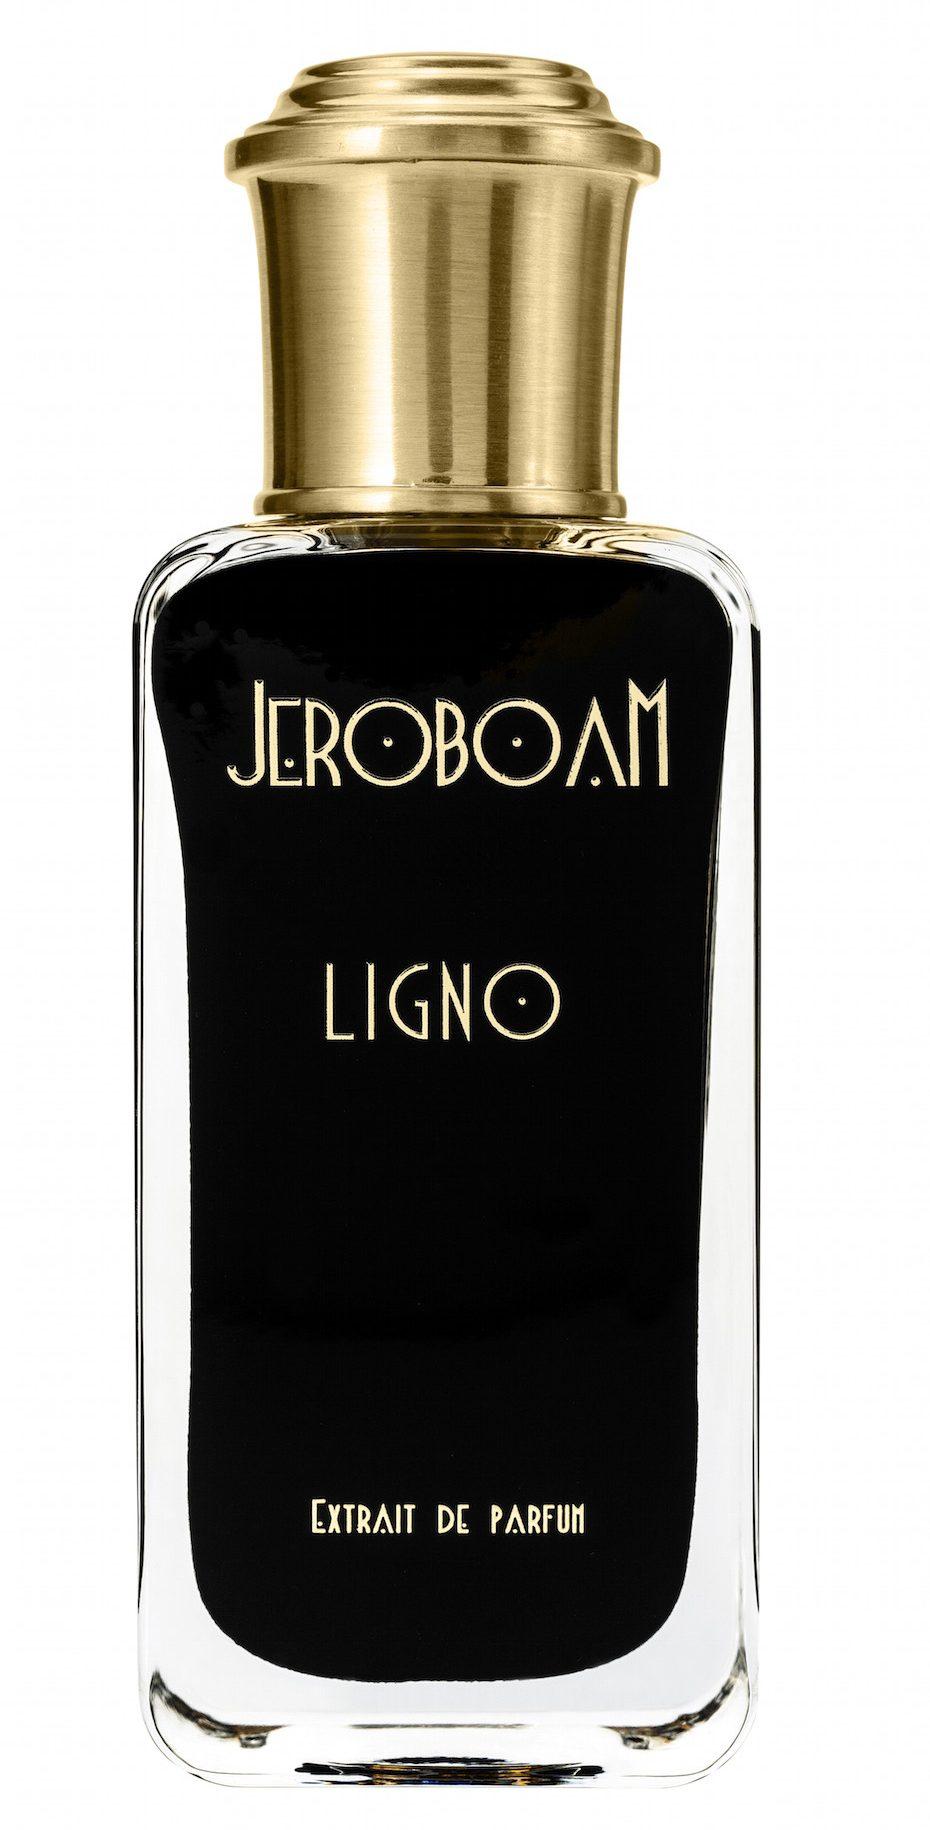 JEROBOAM_LIGNO